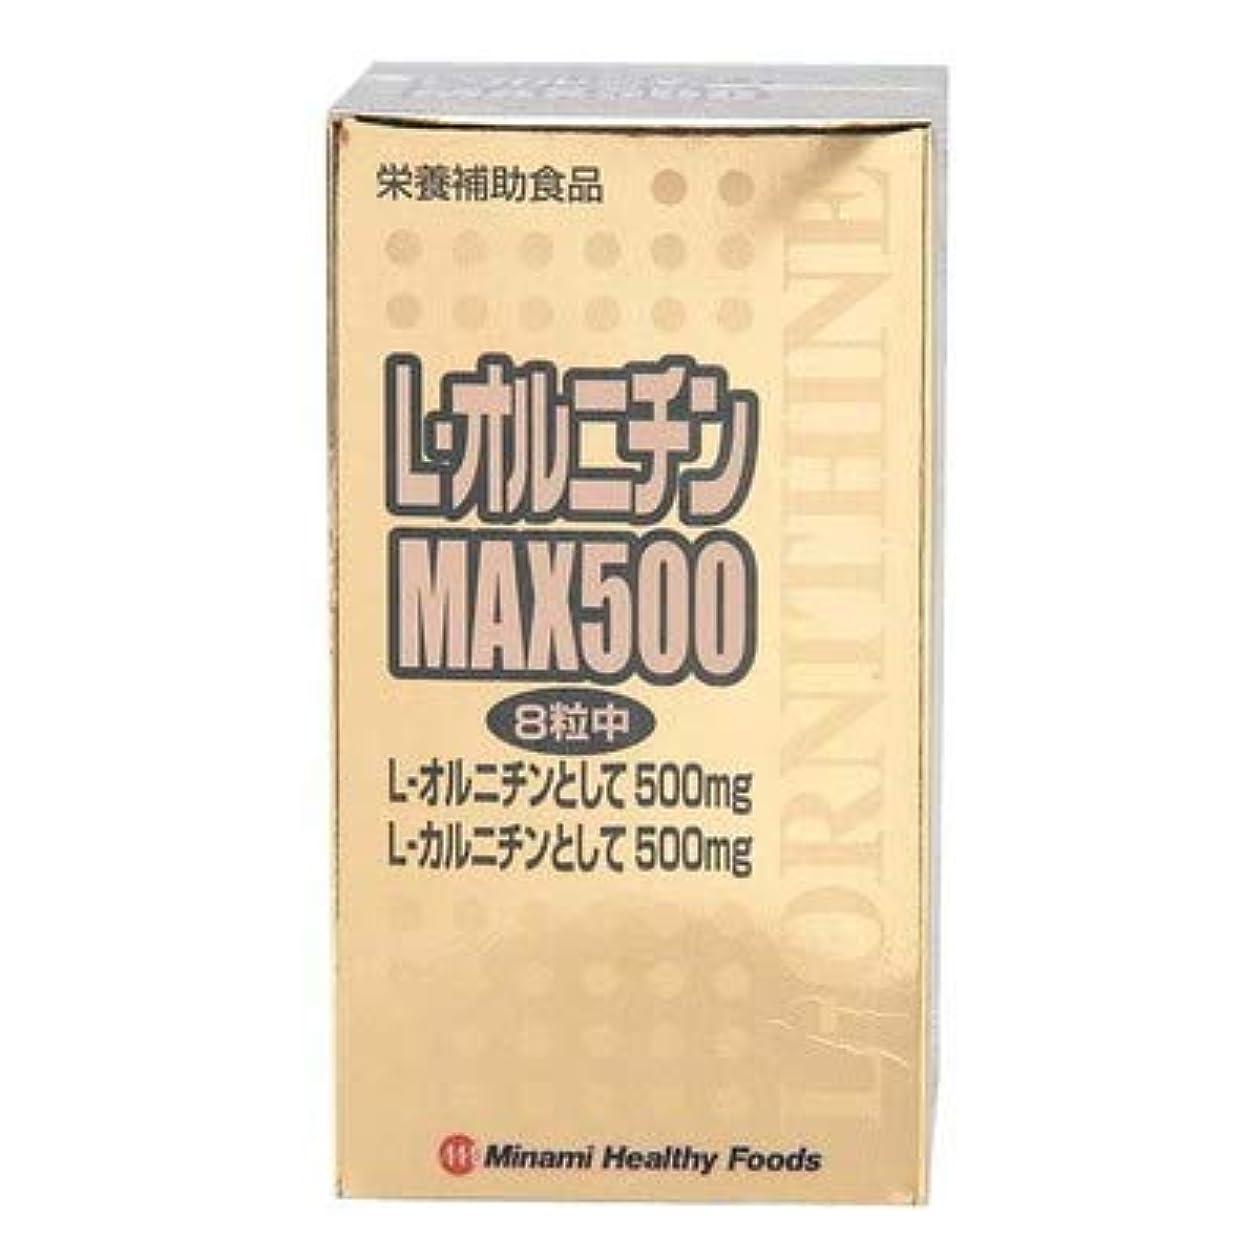 ミナミヘルシーフーズ L-オルニチンMAX500 240粒 4945904014233